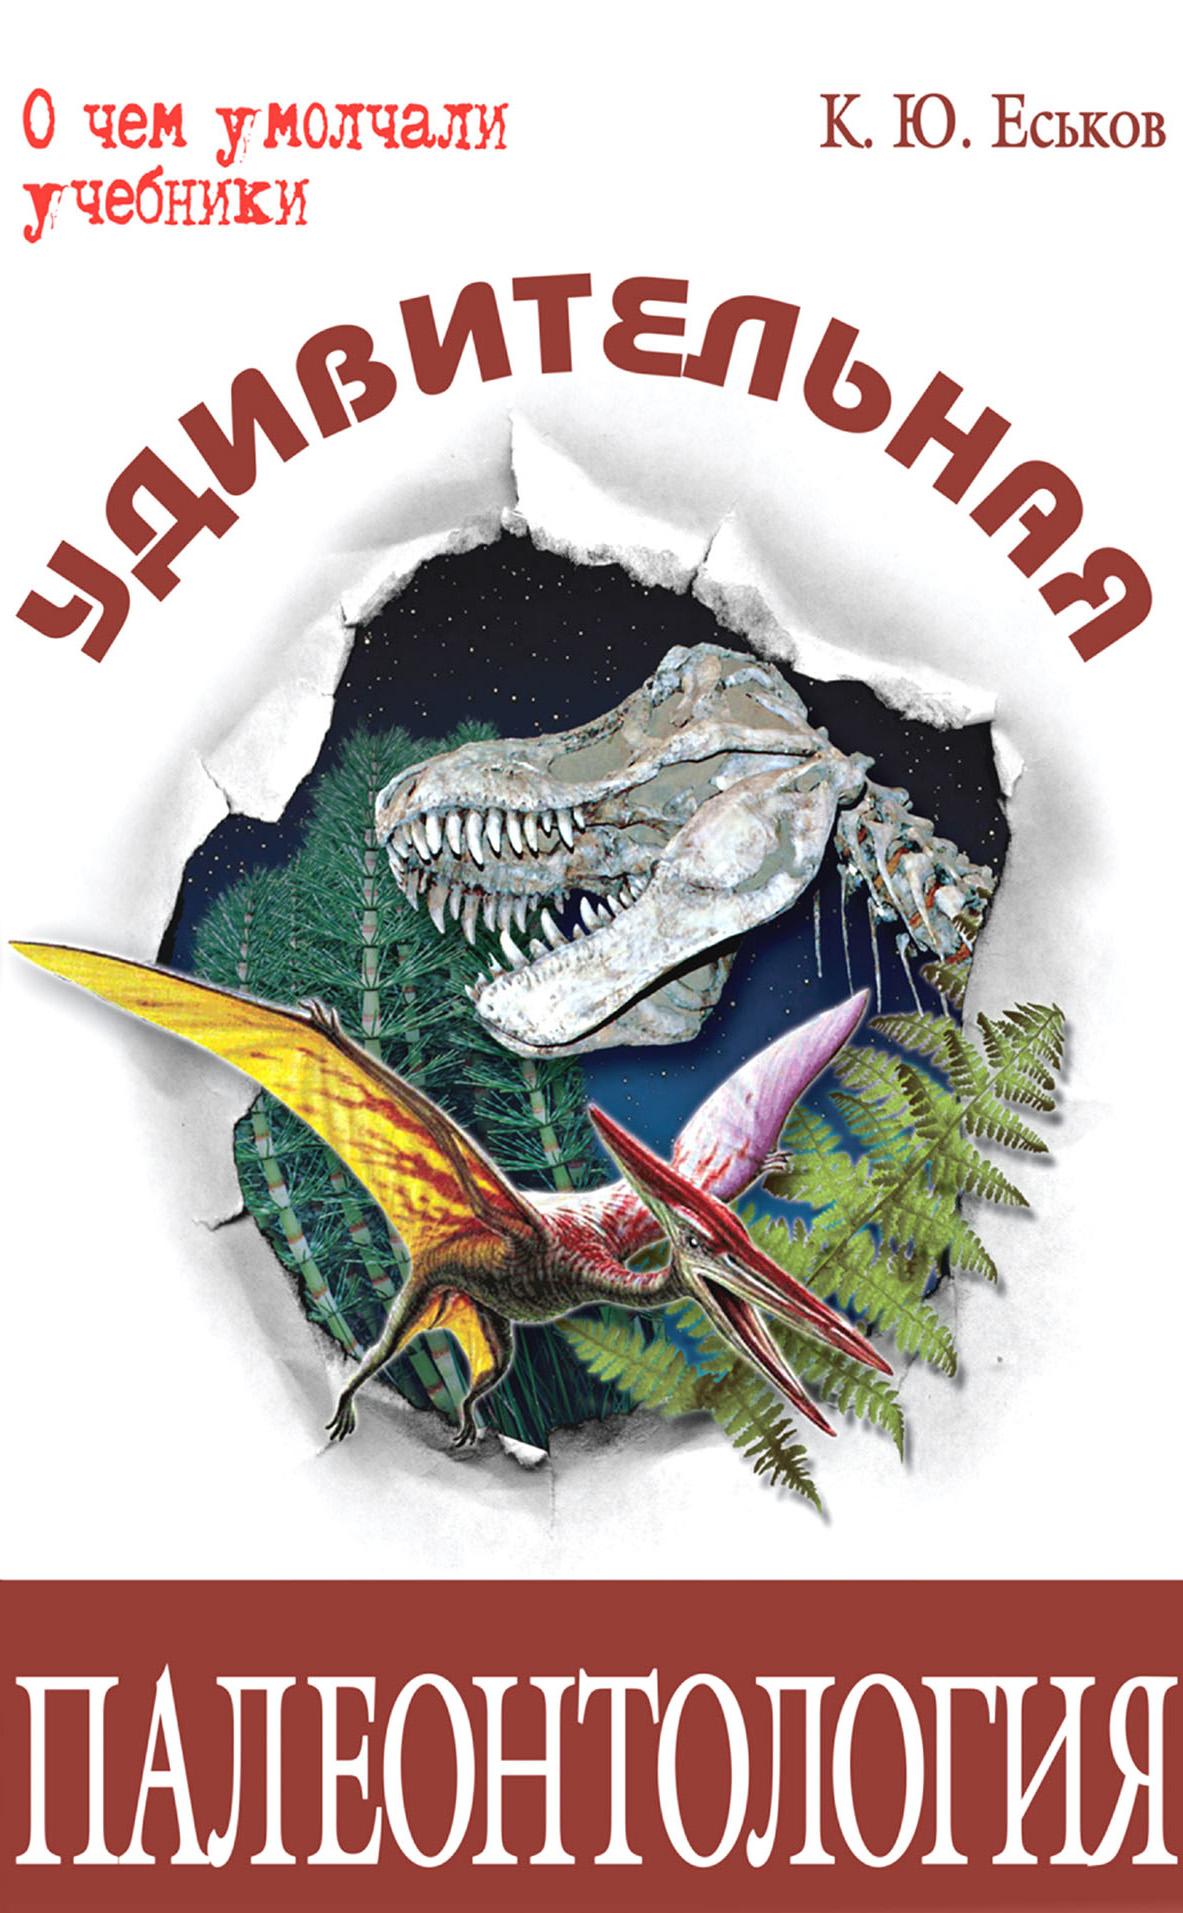 Кирилл Еськов Удивительная палеонтология к ю еськов удивительная палеонтология